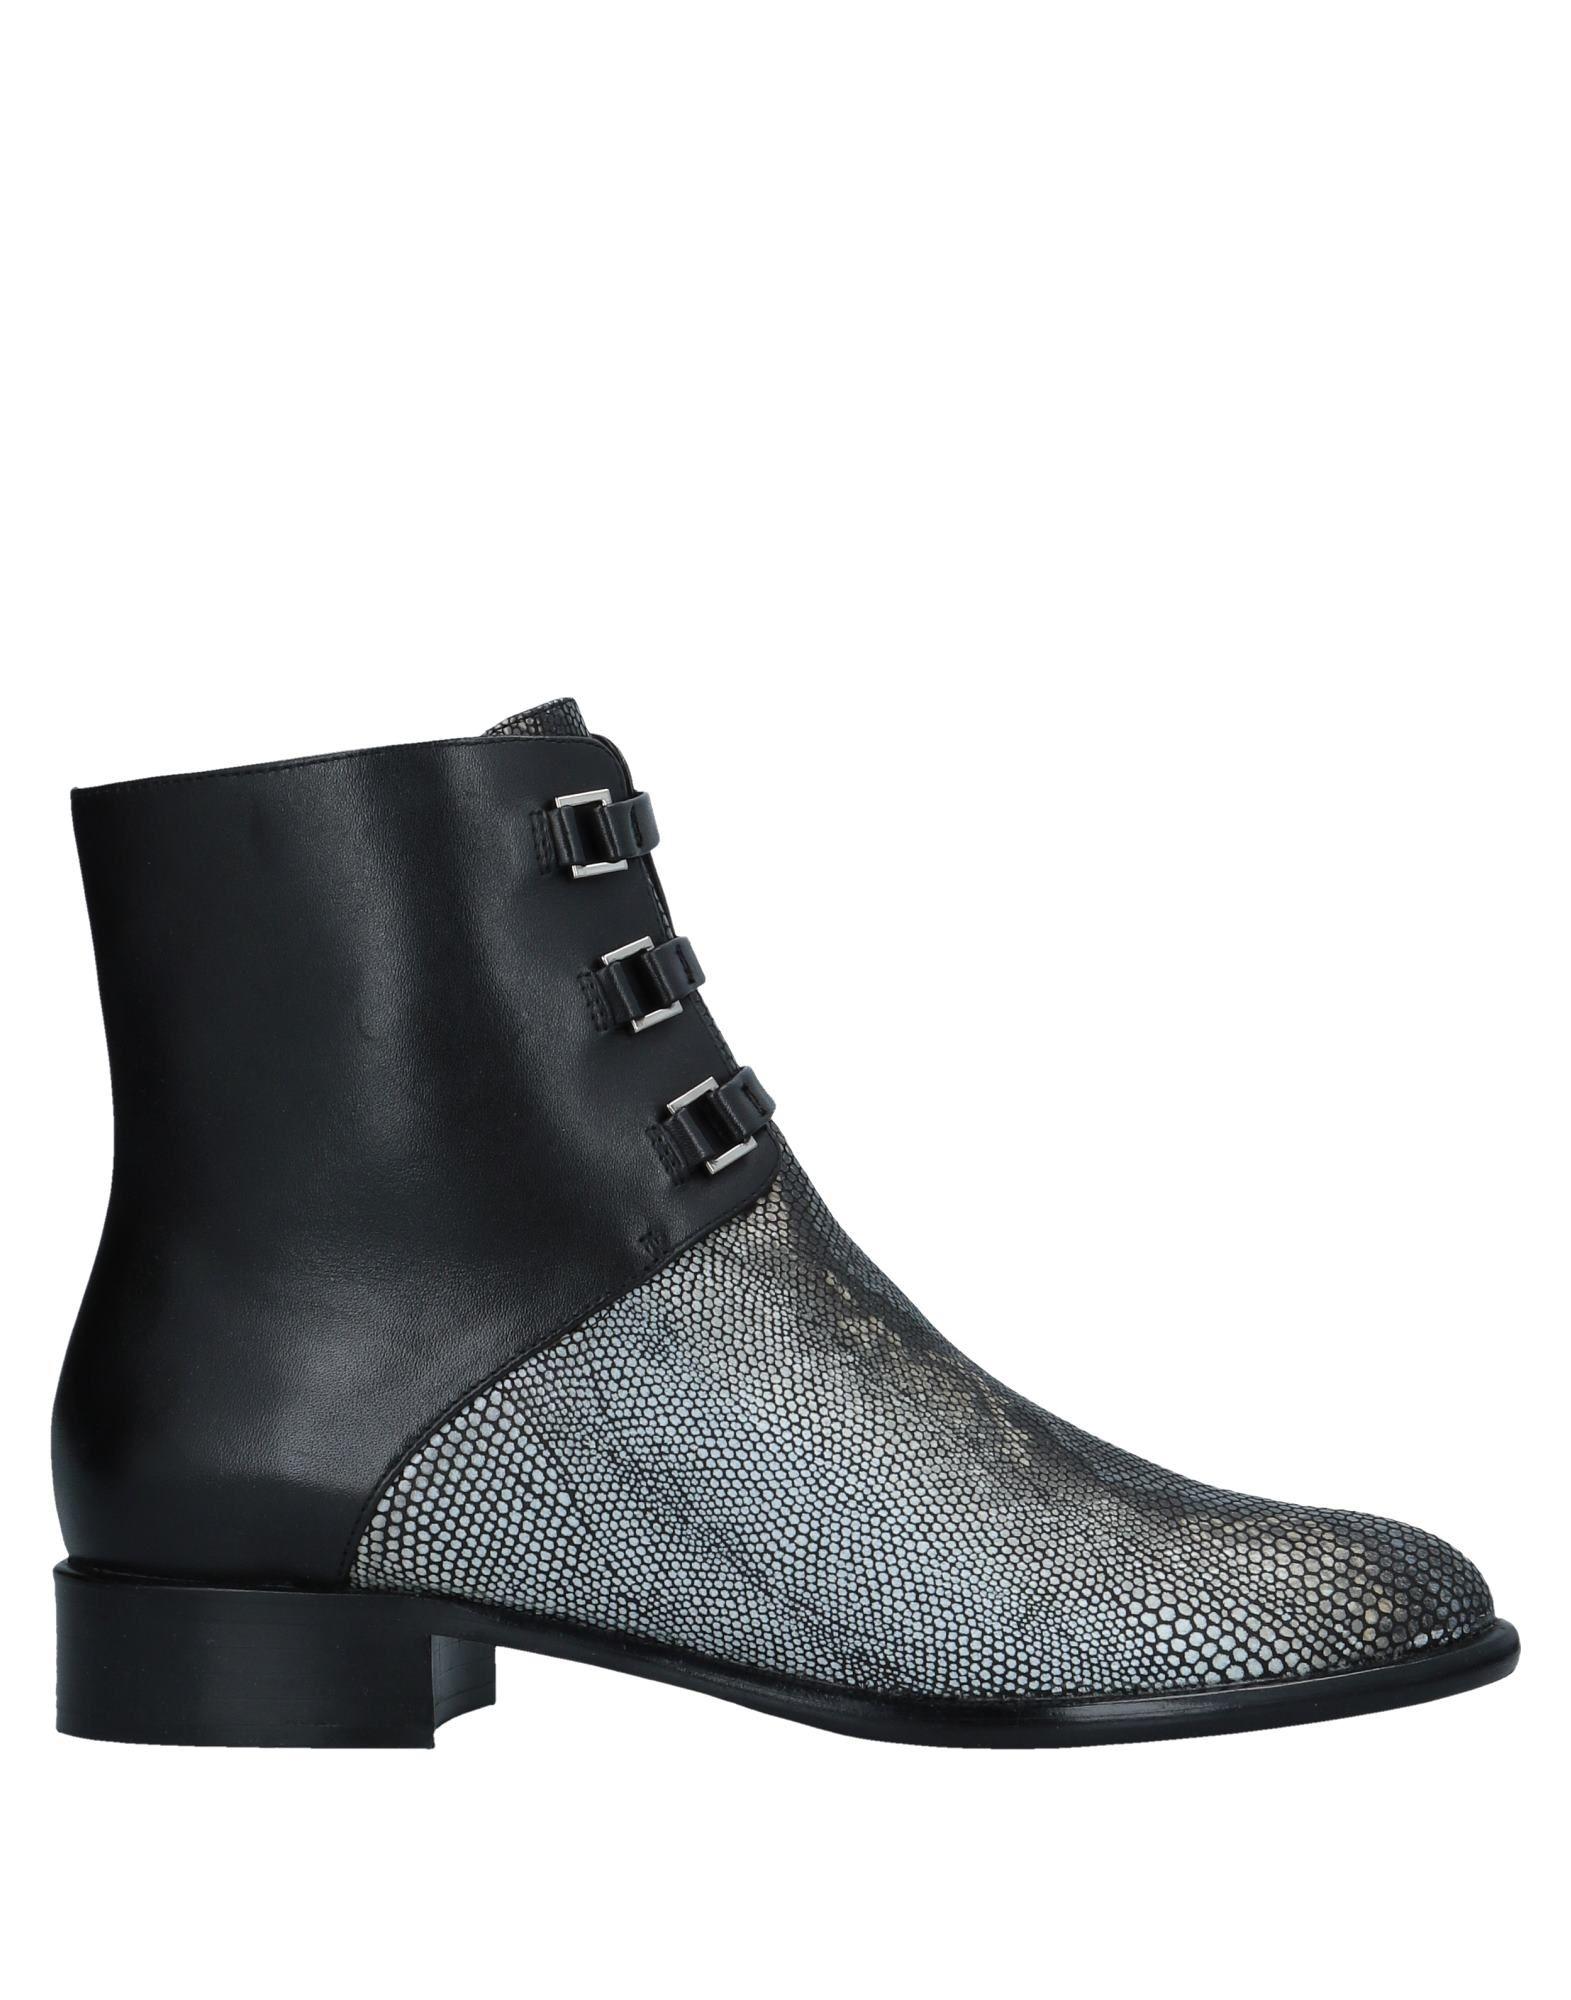 《送料無料》EMPORIO ARMANI レディース ショートブーツ ブラック 39 牛革(カーフ)